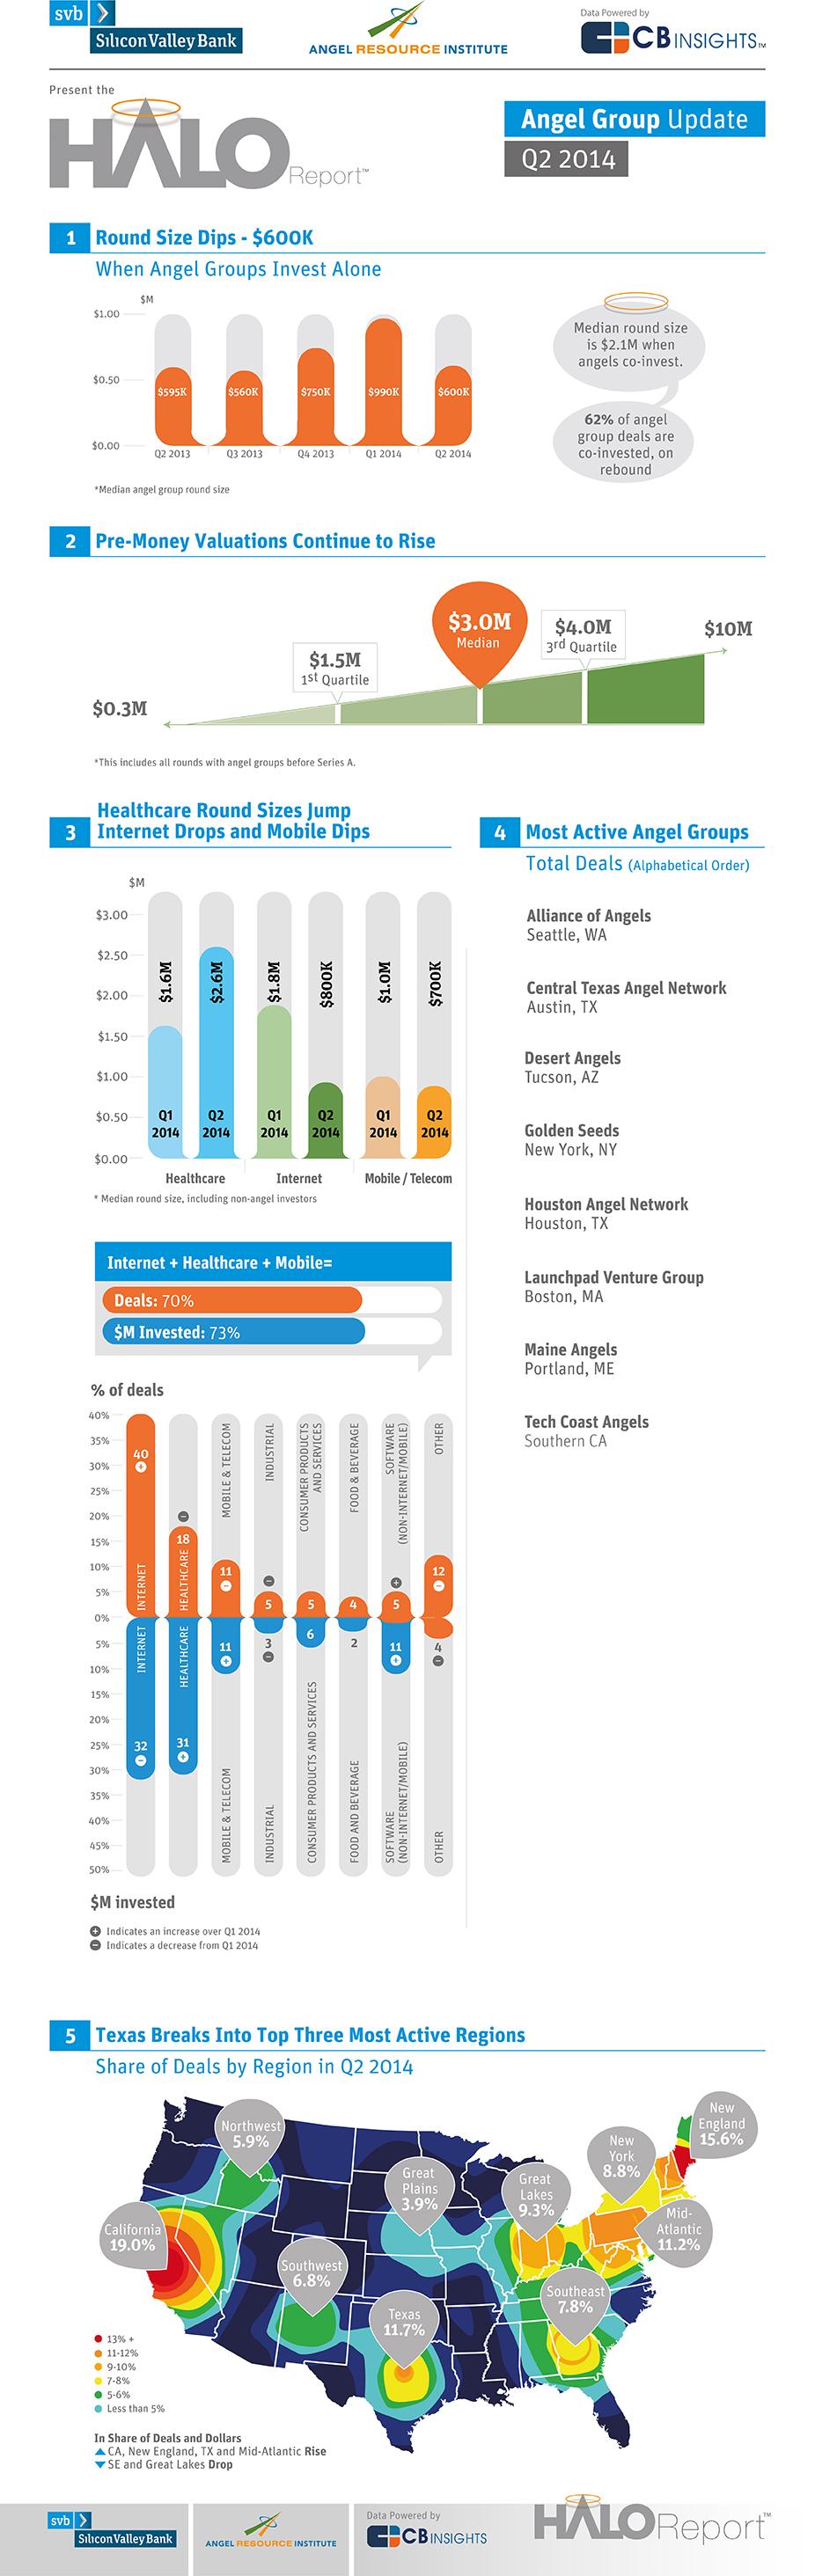 SVB 14270 Halo Infographic Q2 2014-v1a